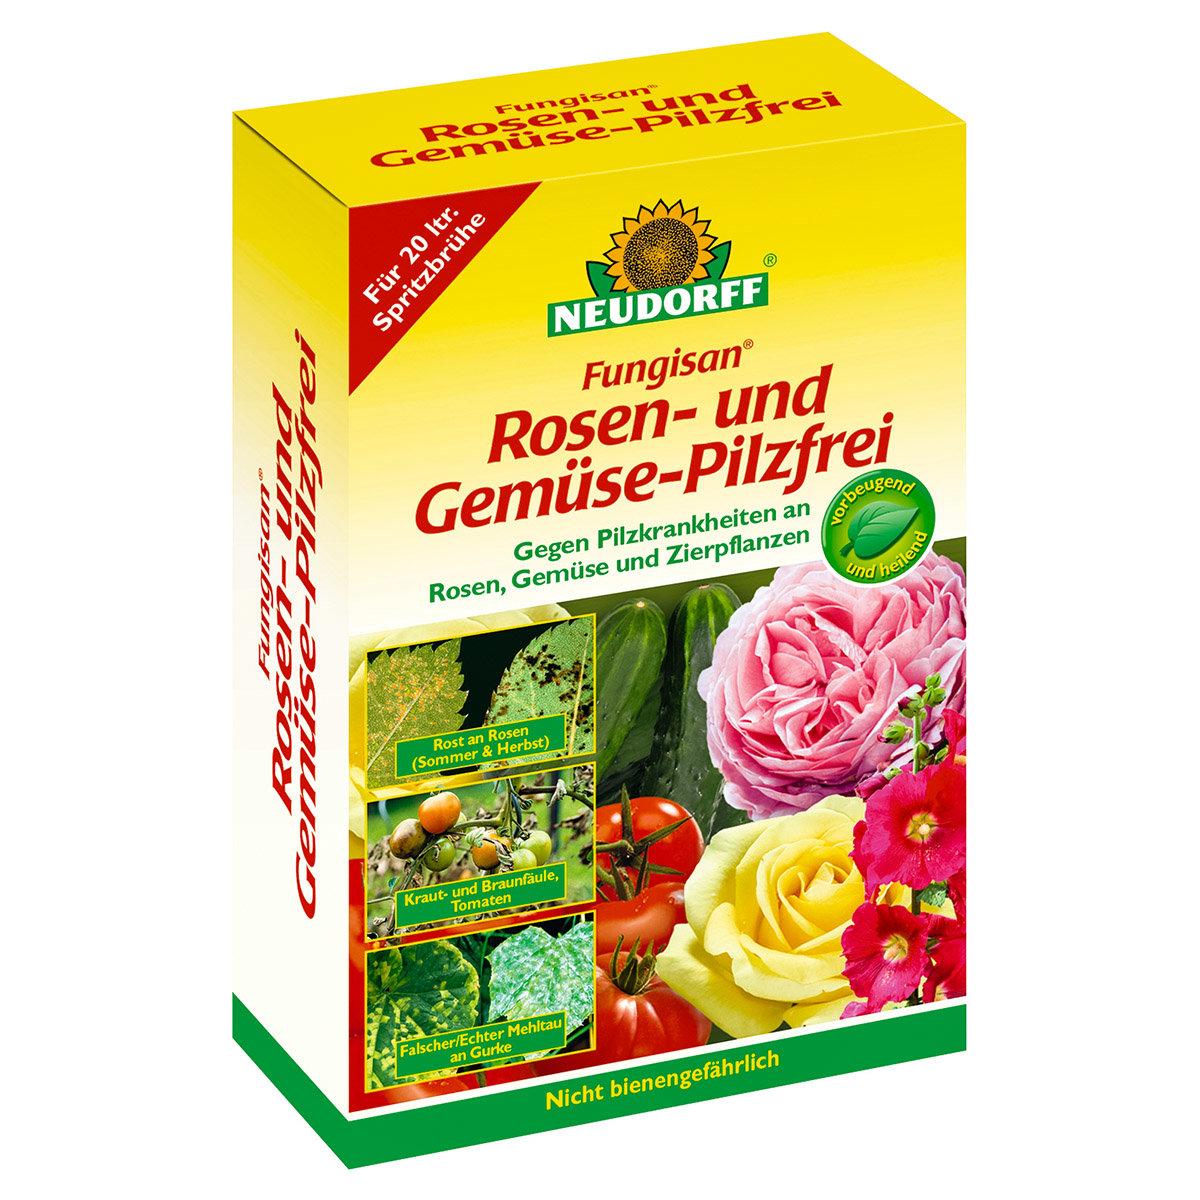 neudorff fungisan rosen und gem se pilzfrei 16 ml von. Black Bedroom Furniture Sets. Home Design Ideas